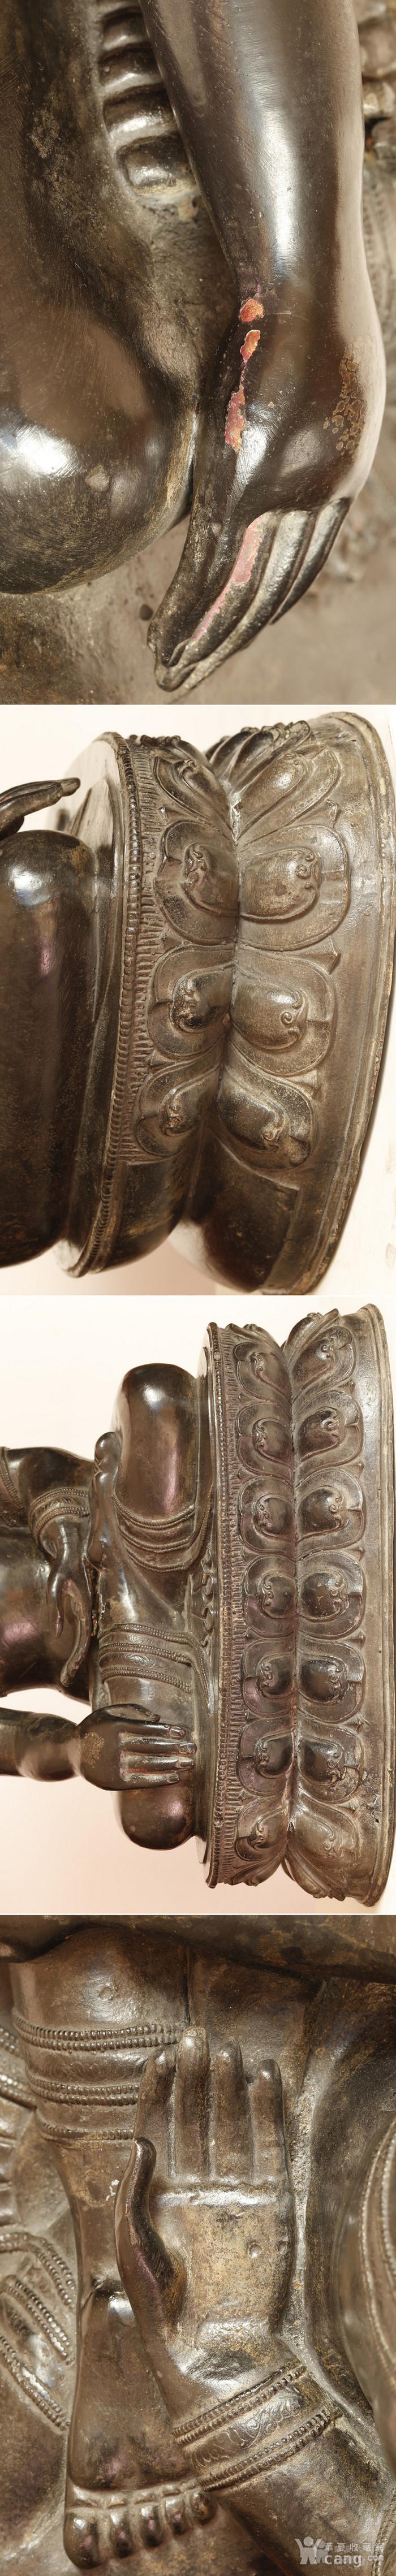 重33斤高47厘米  清中期释迦摩尼铜佛像图8